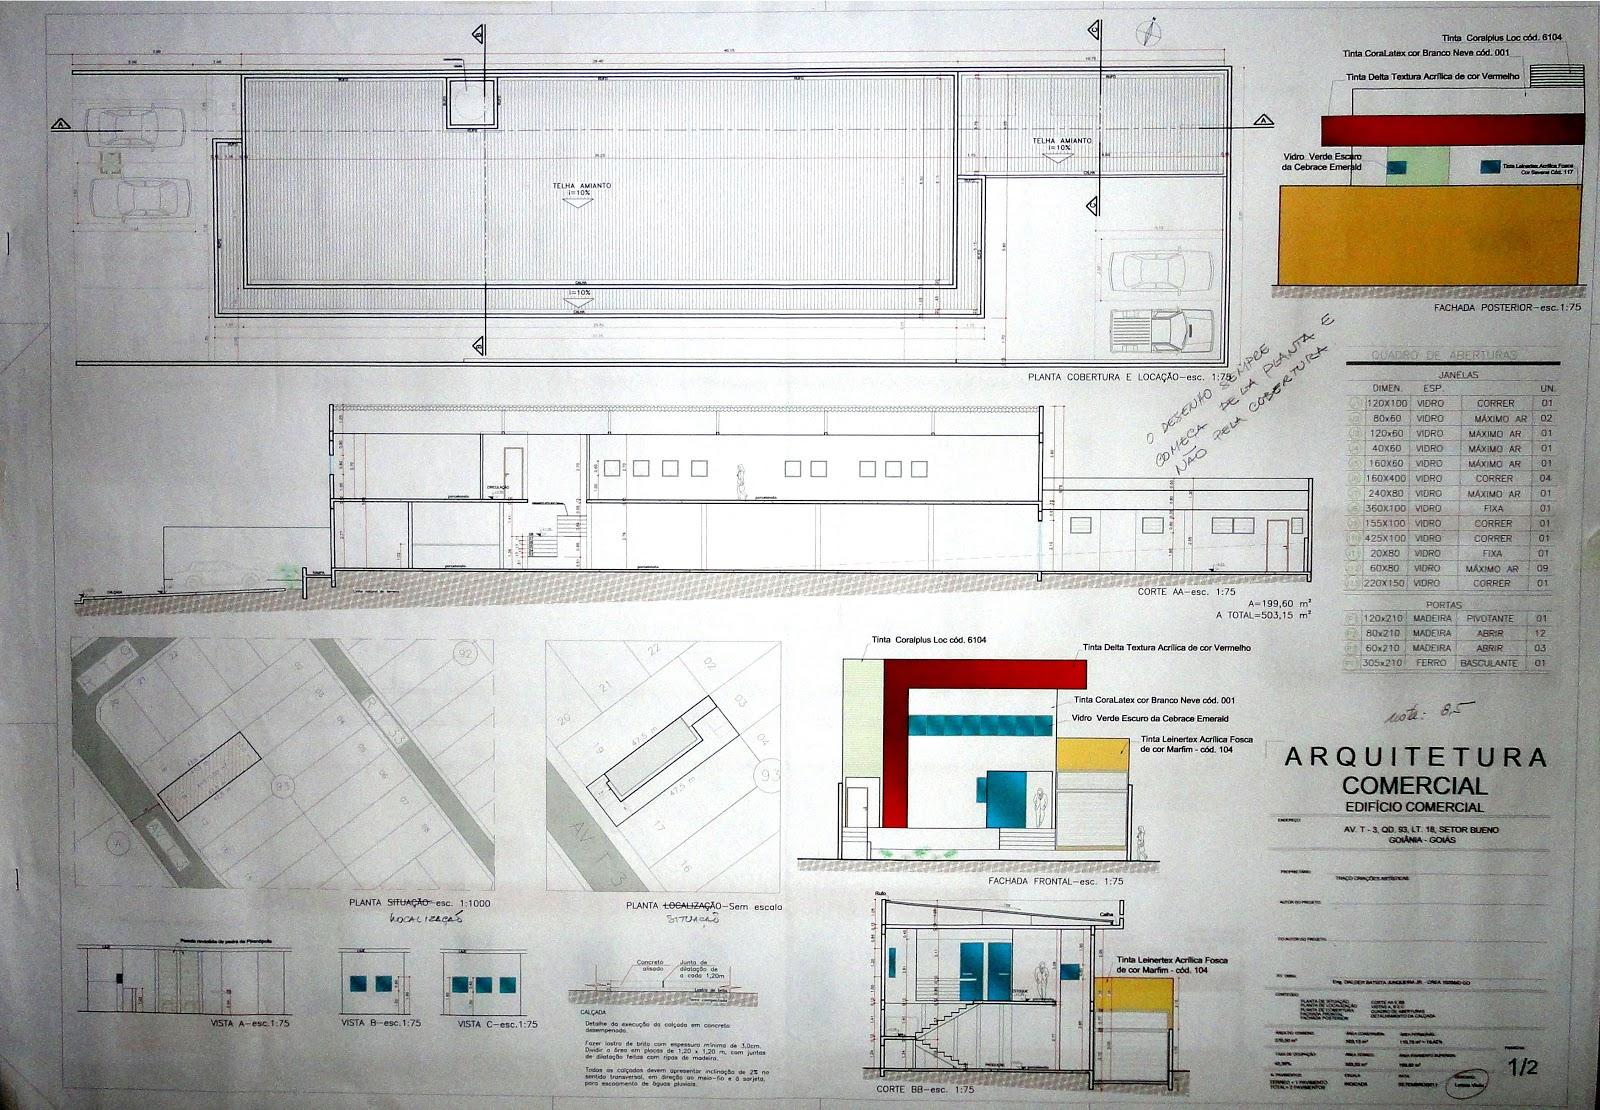 Urbanismo: Projeto Executivo de uma Arquitetura Comercial #B47B0E 1600 1110